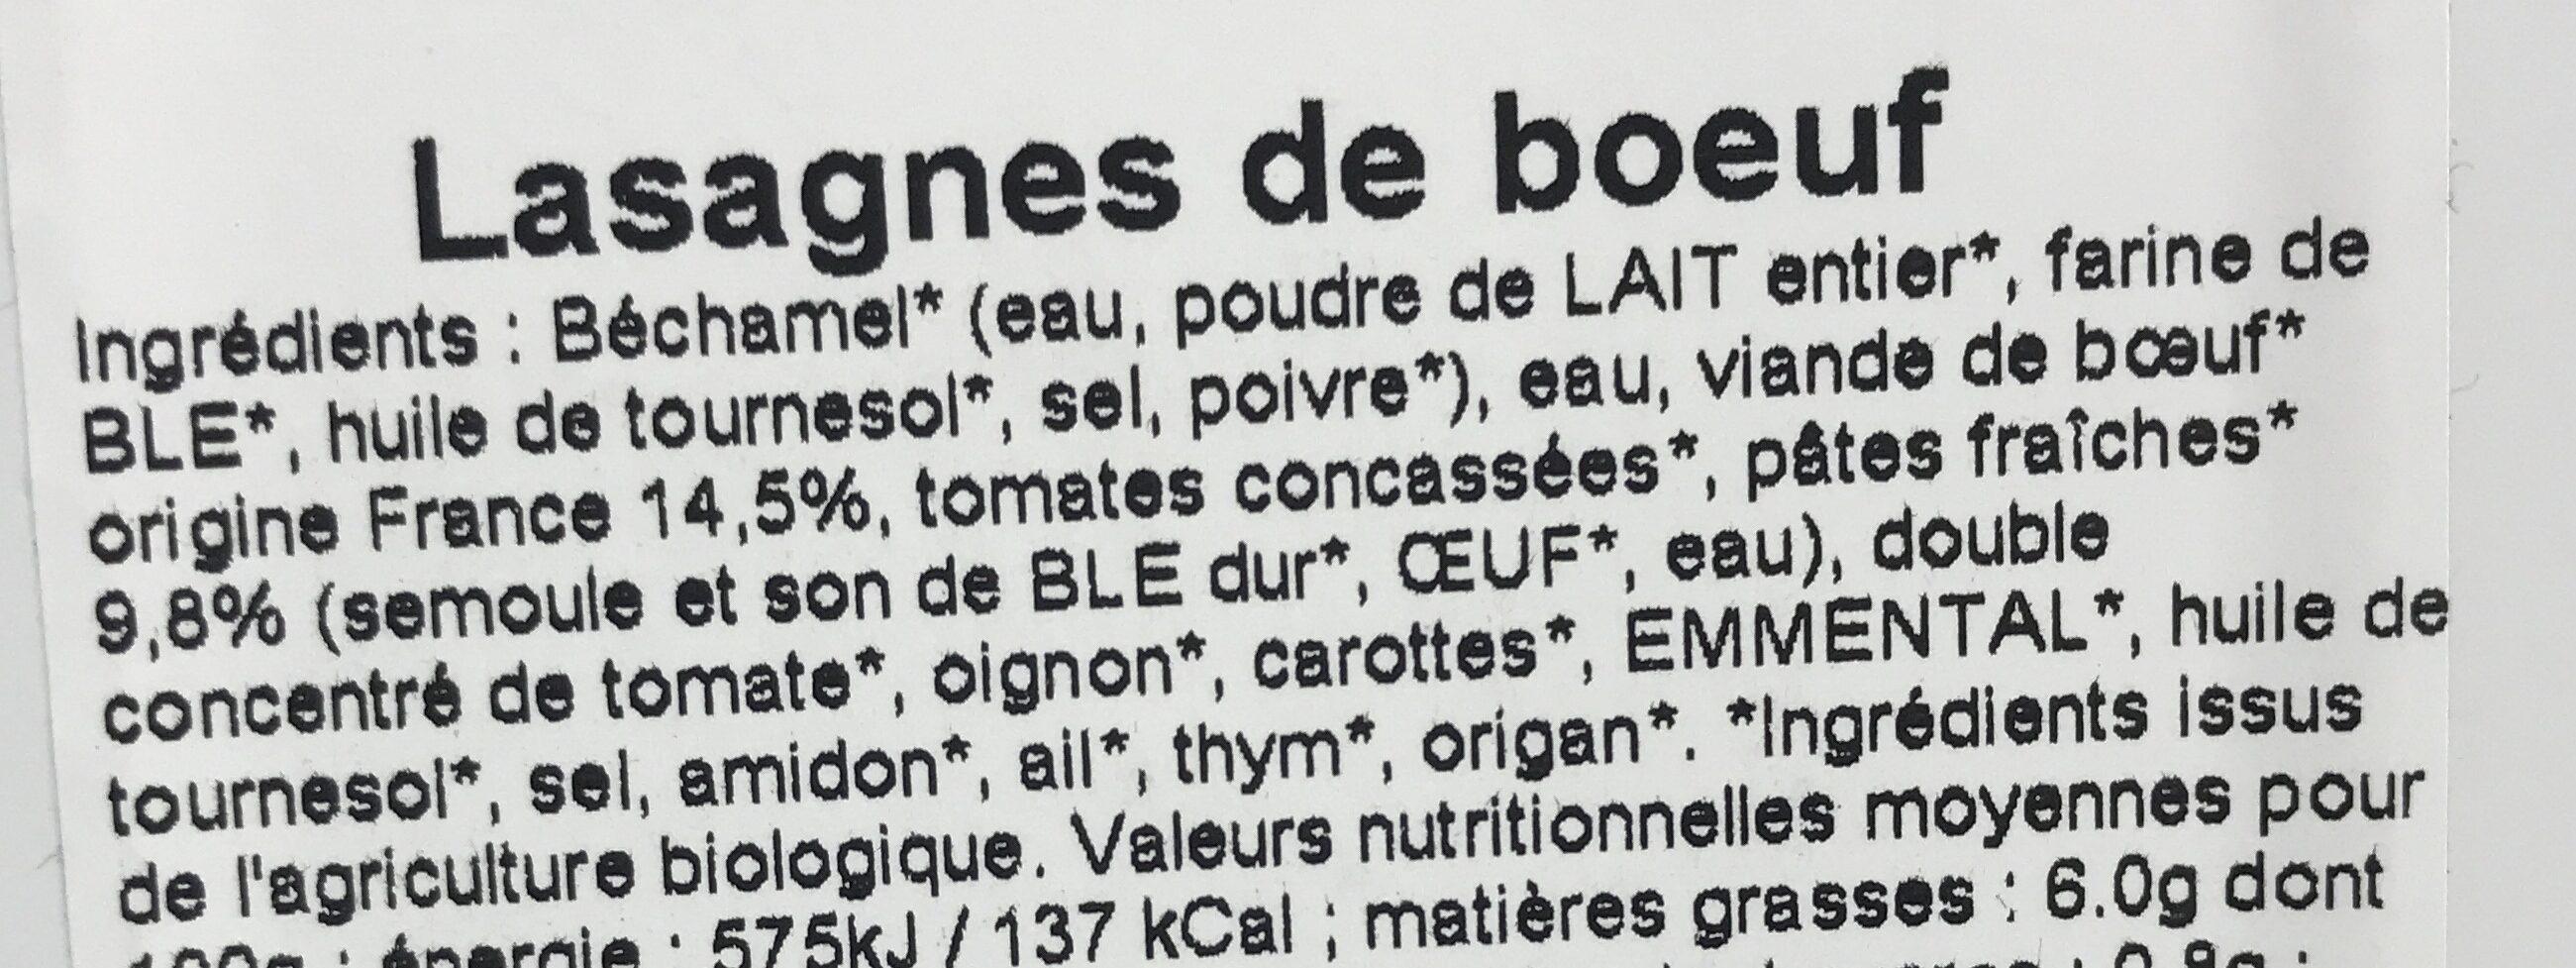 Lasagnes de Bœuf - Ingrédients